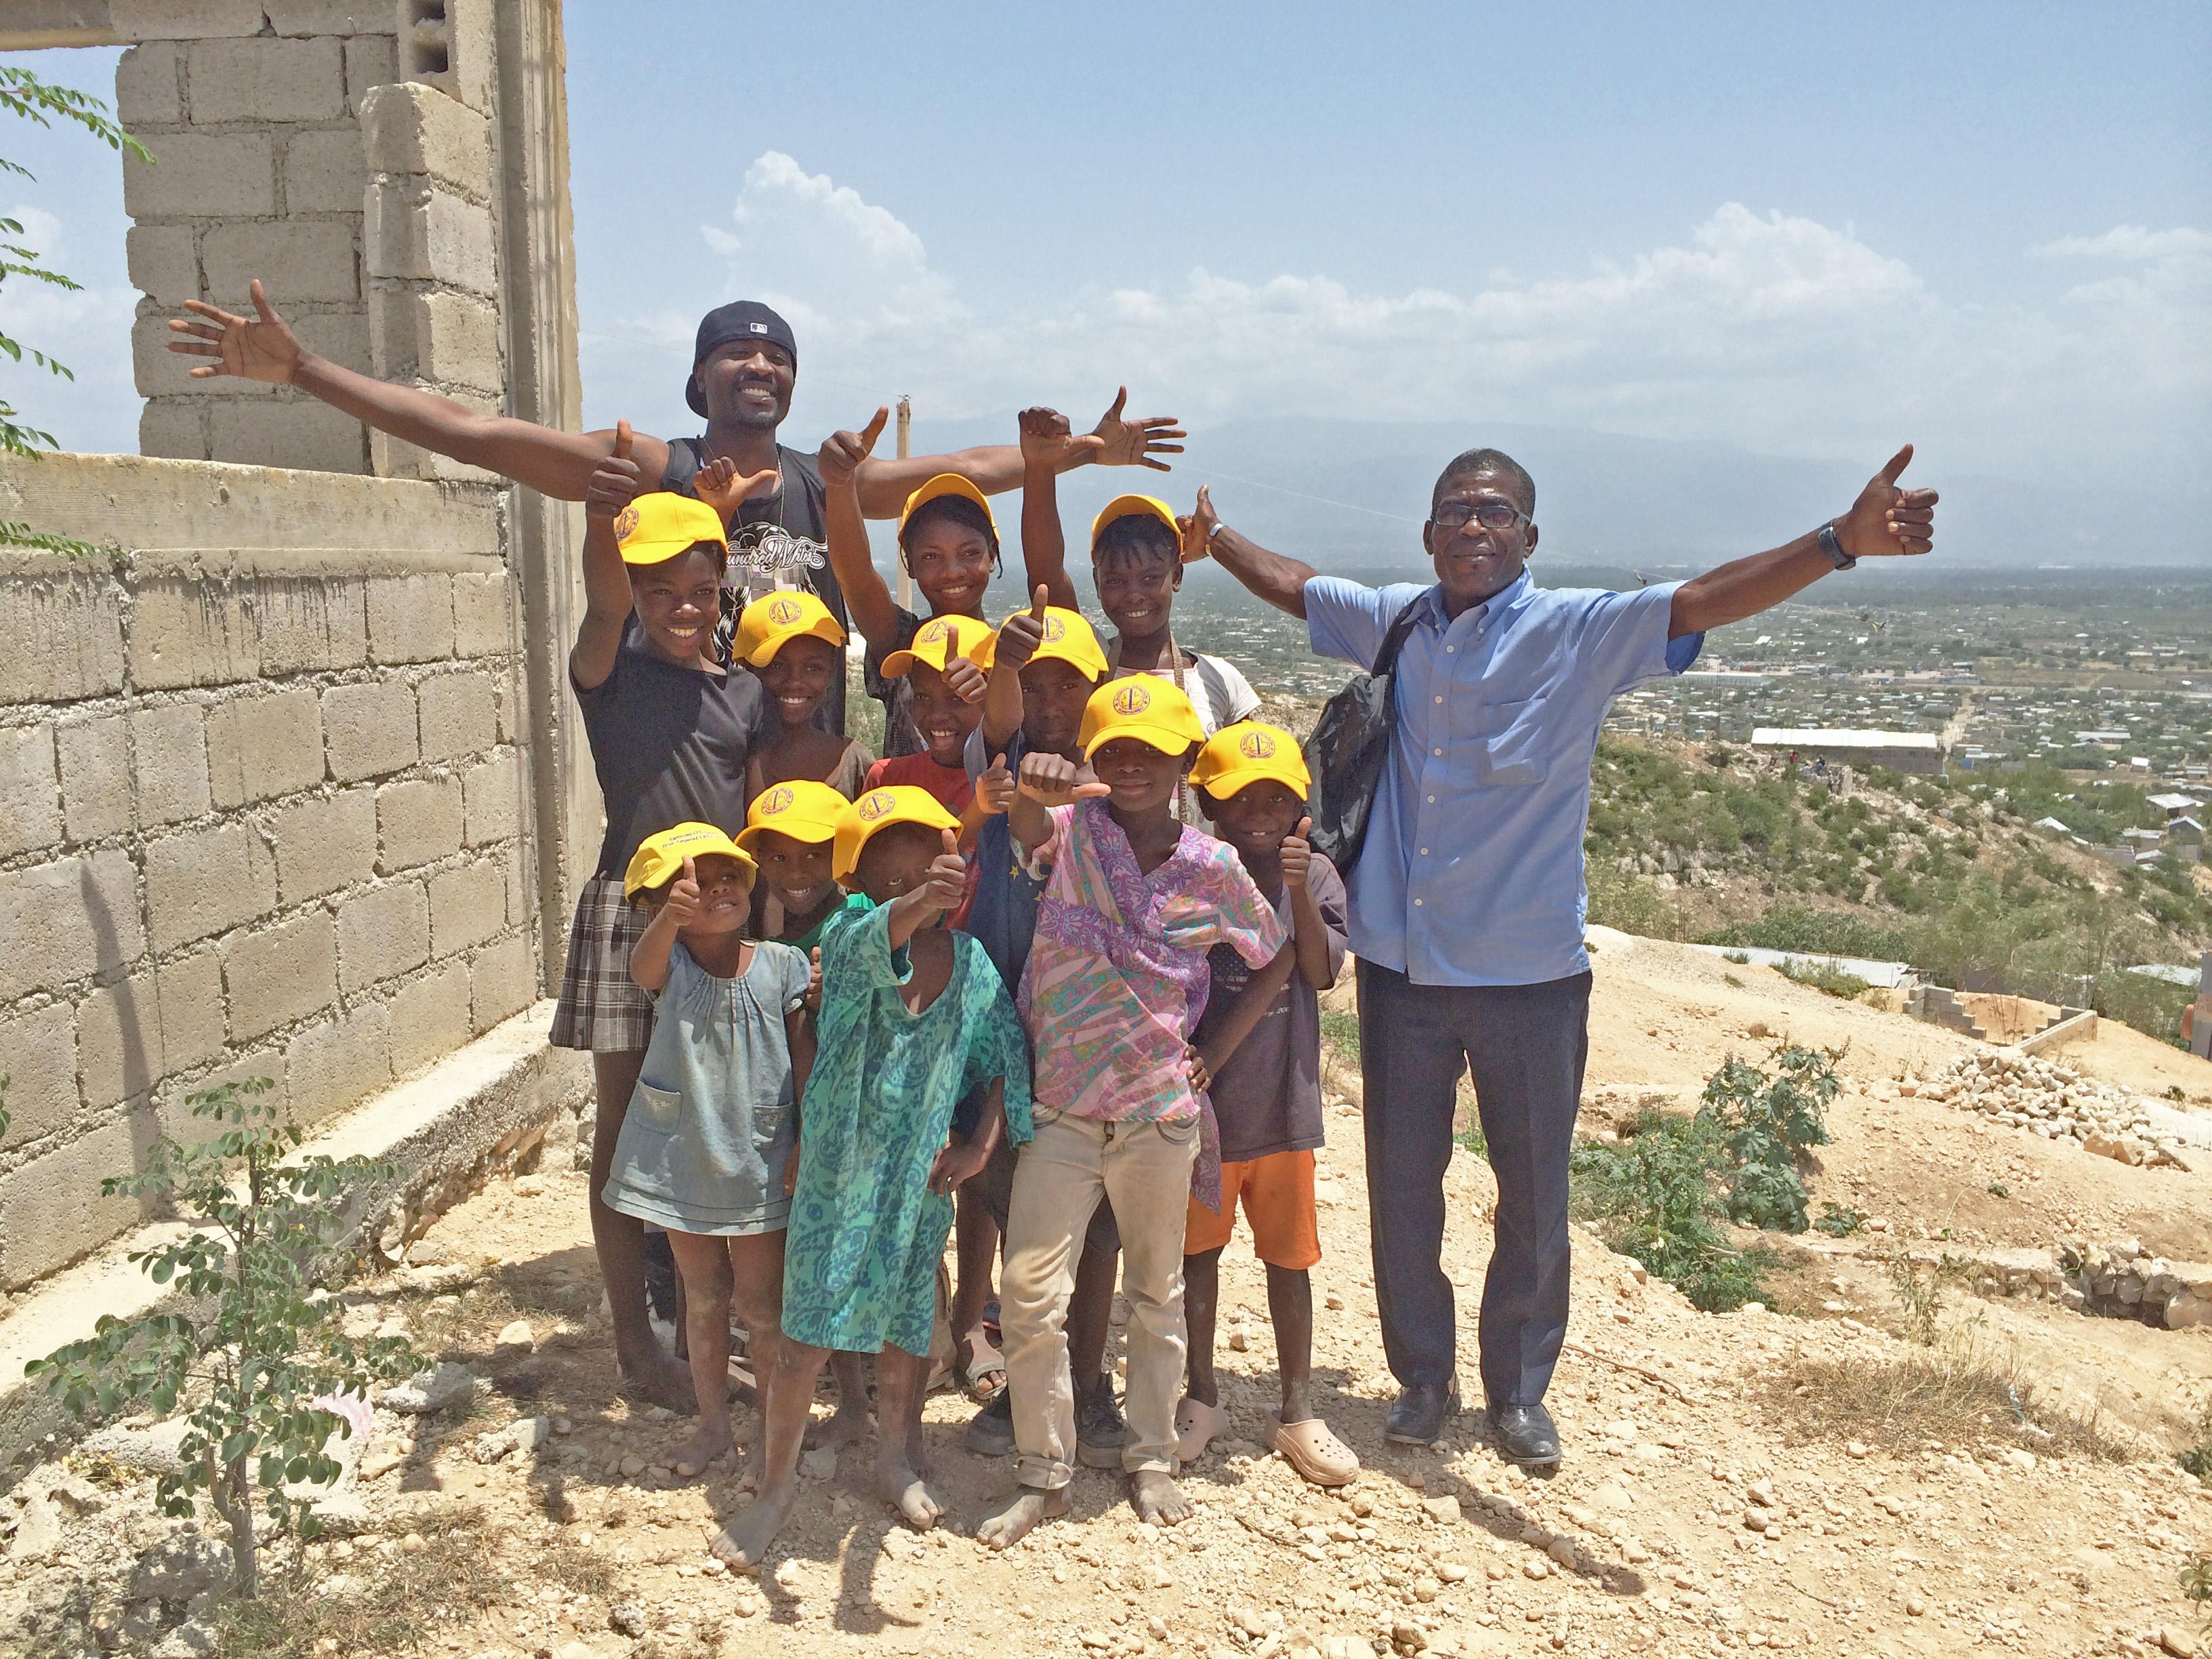 2015, Haiti, TWA, Third World Awareness, Canaan, charity, non-profit, volunteers, children, Haitians, sunshine, school, hope